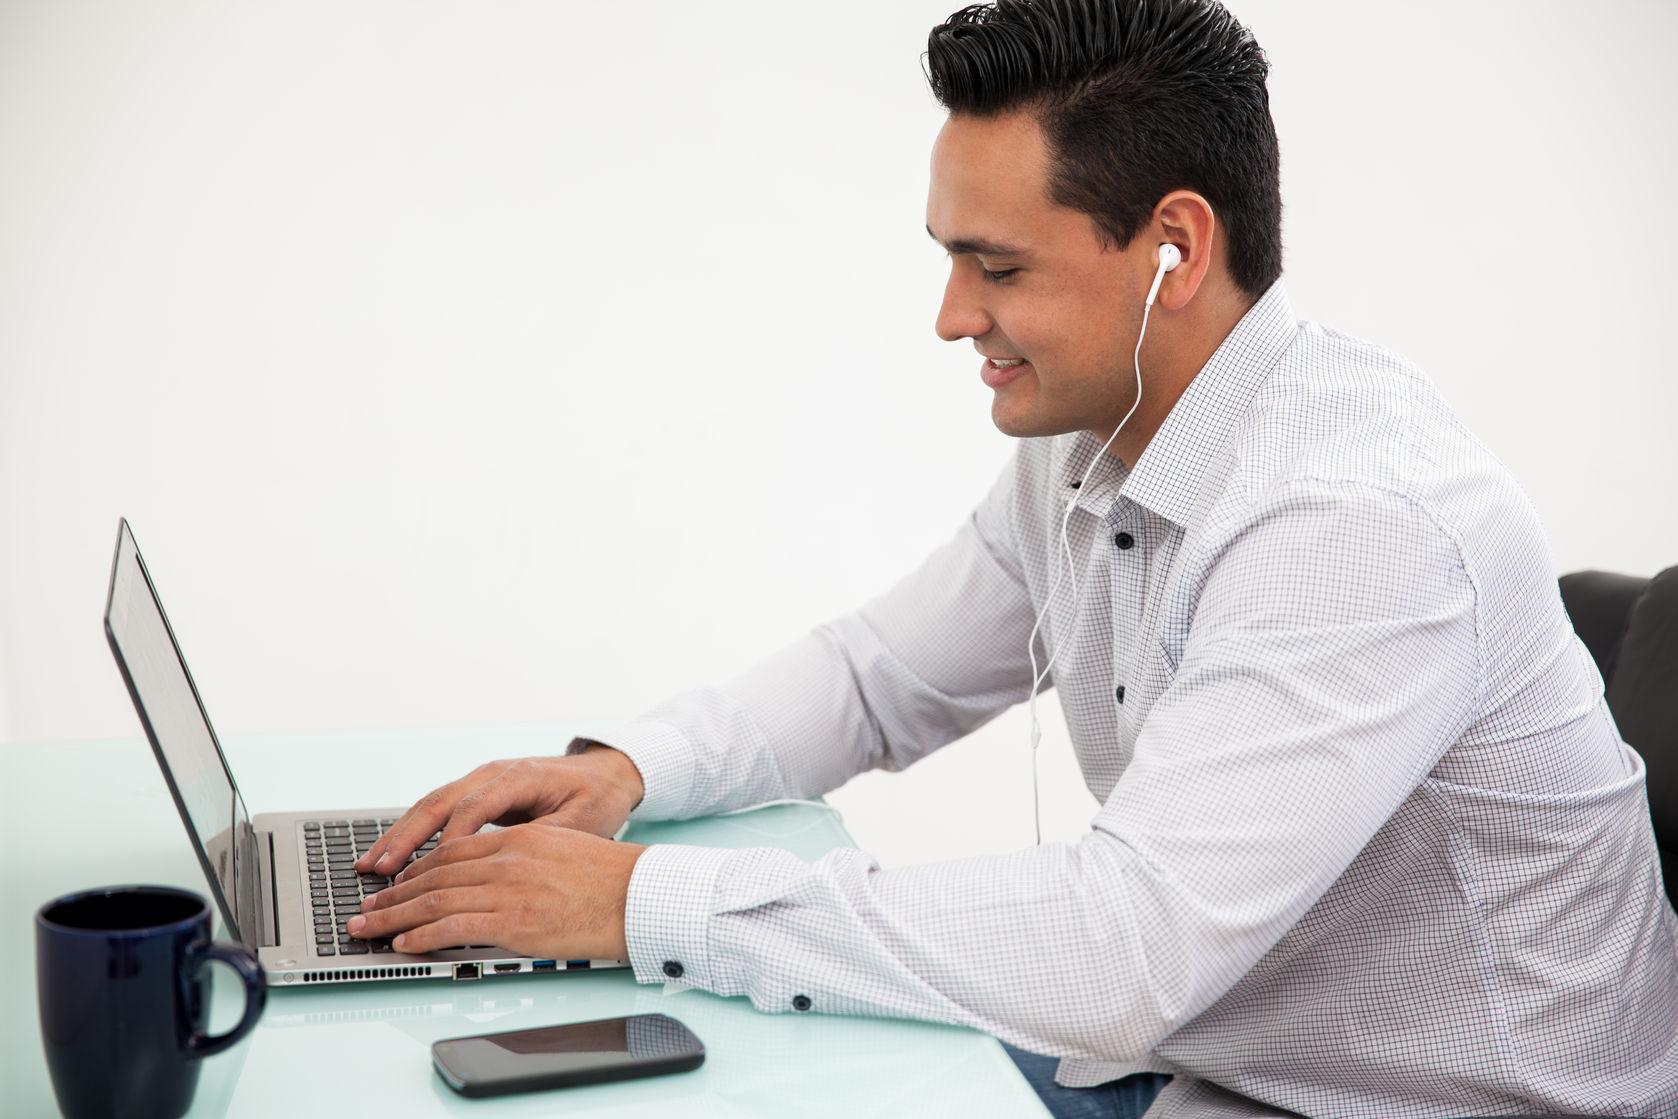 Musik og effektivitet